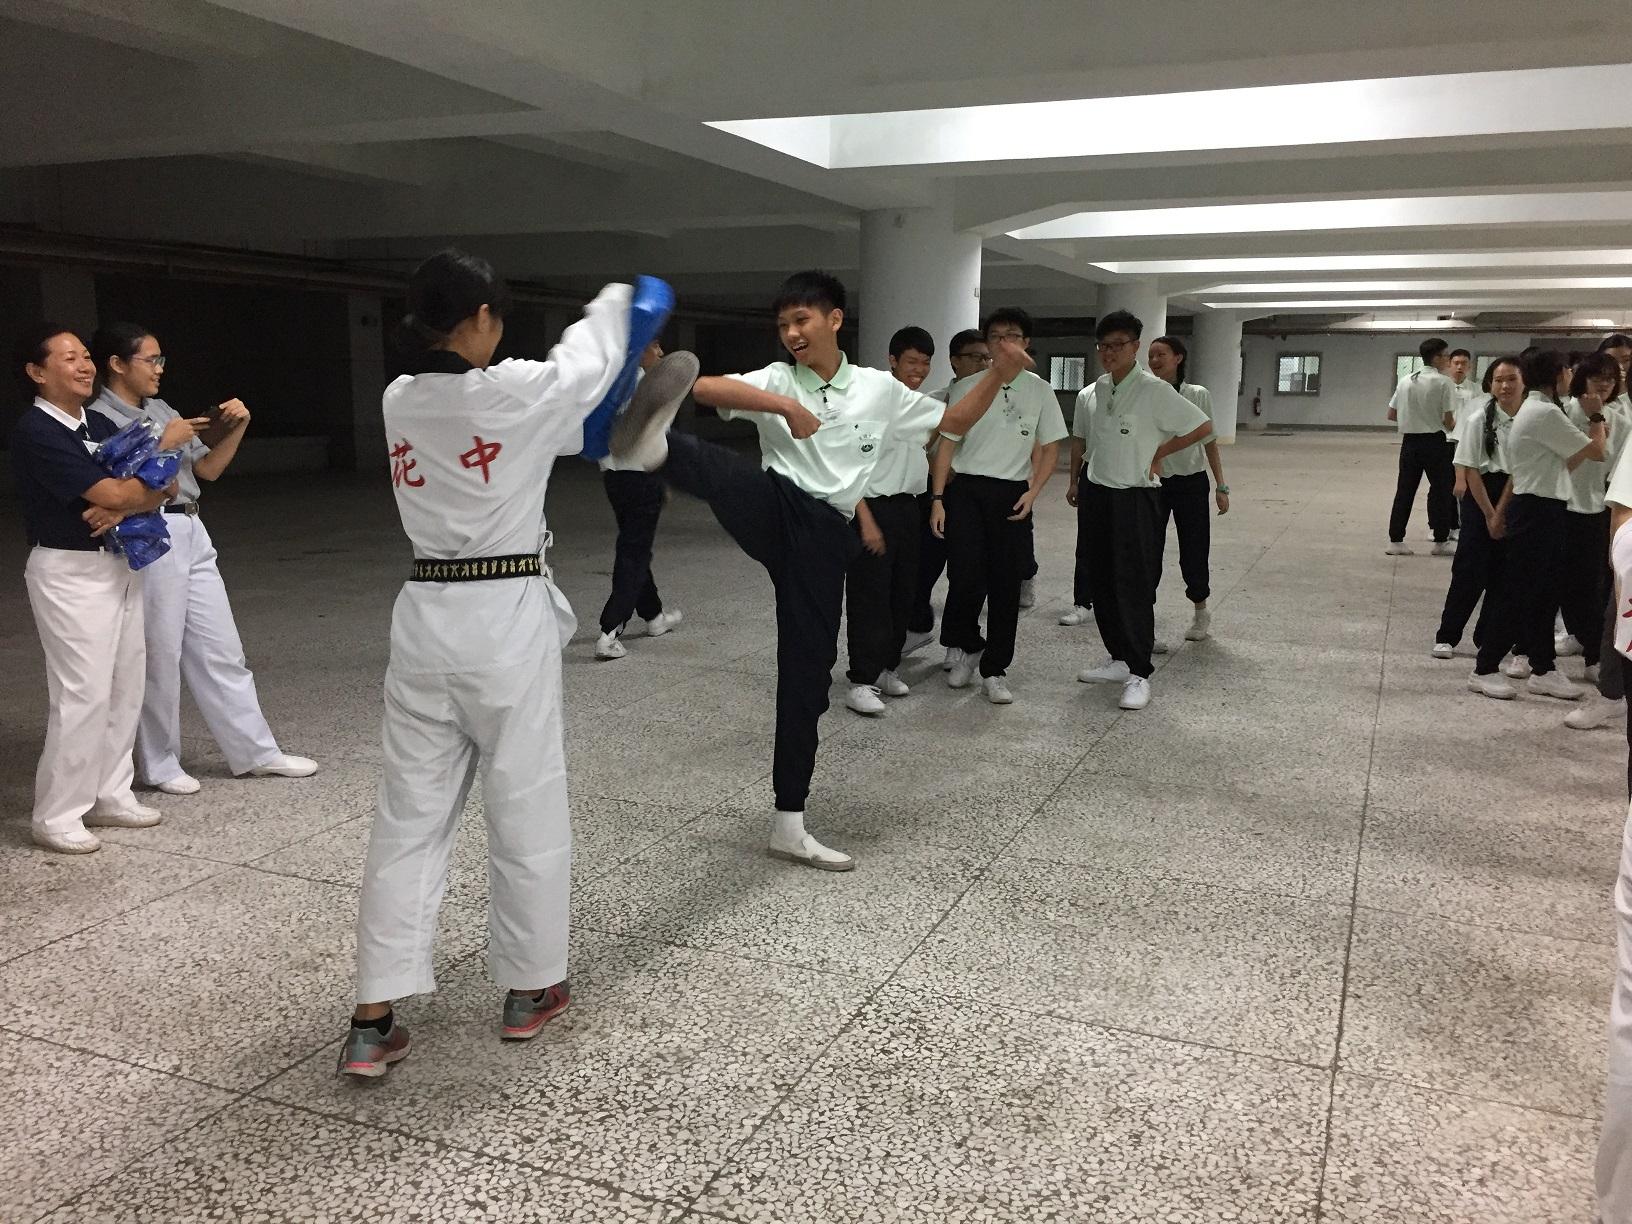 20171128 跆拳道課程體驗